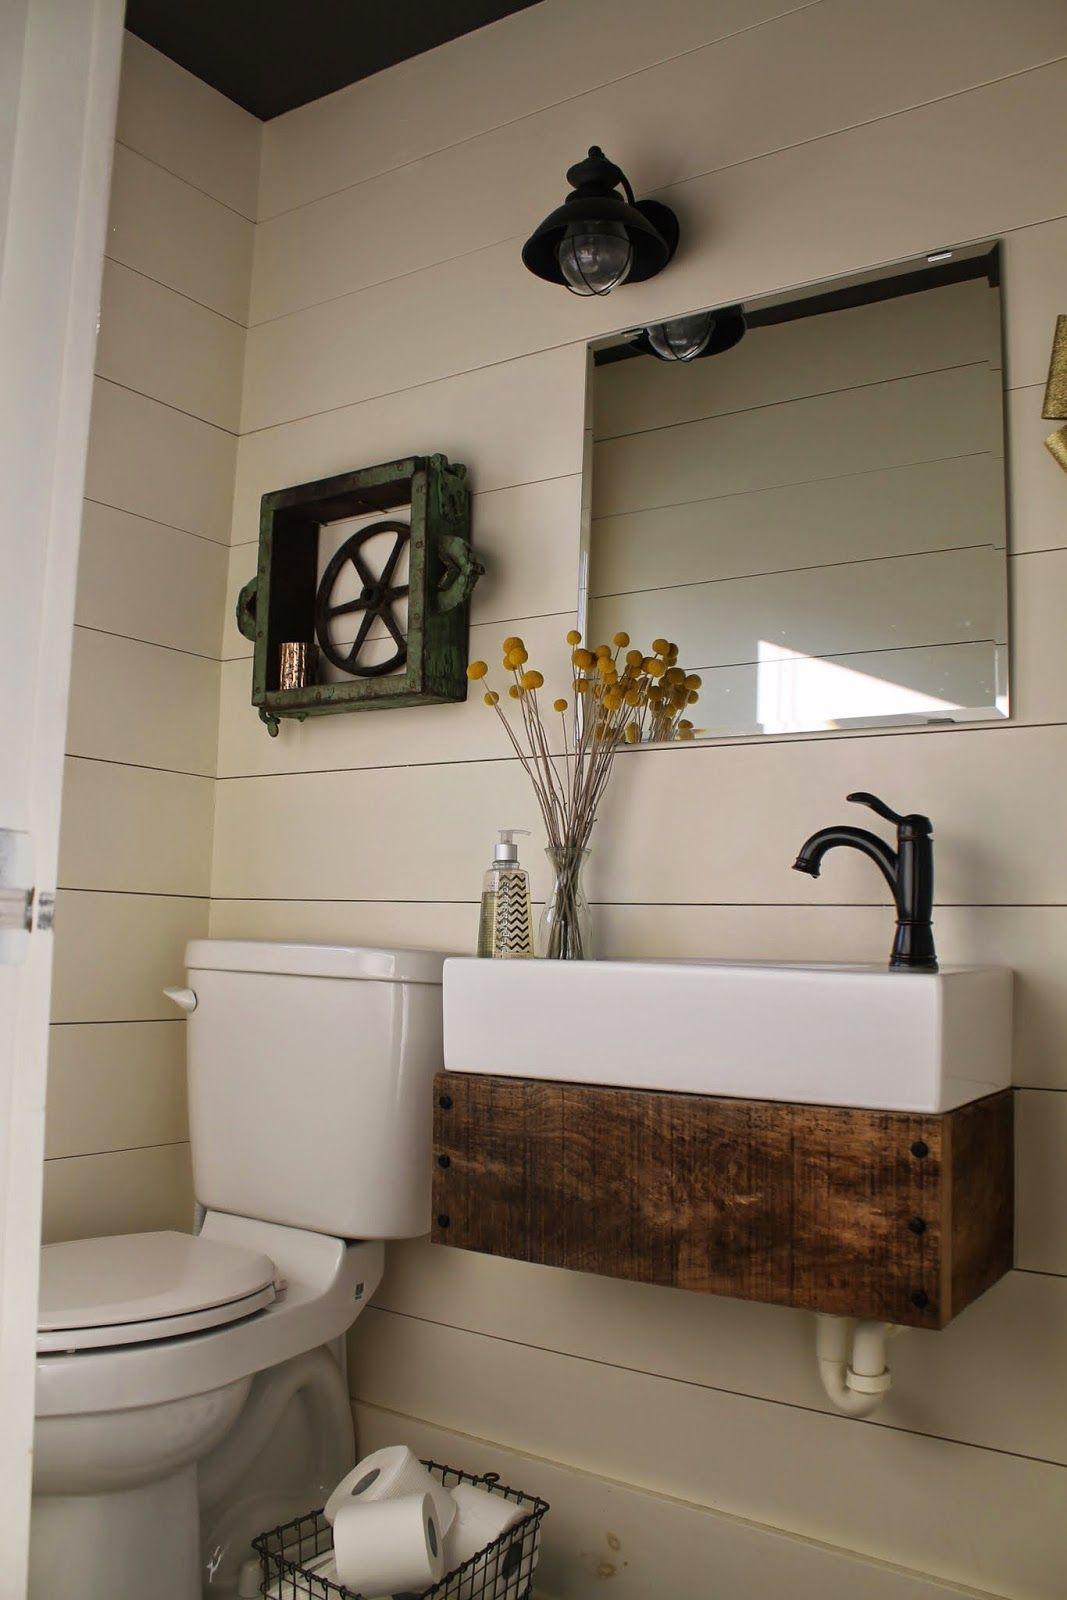 Rustic Reclaimed Wood Floating Vanity In Bathroom With Planked Walls Girl Meet Floating Bathroom Vanities Reclaimed Wood Bathroom Vanity Wood Bathroom Vanity